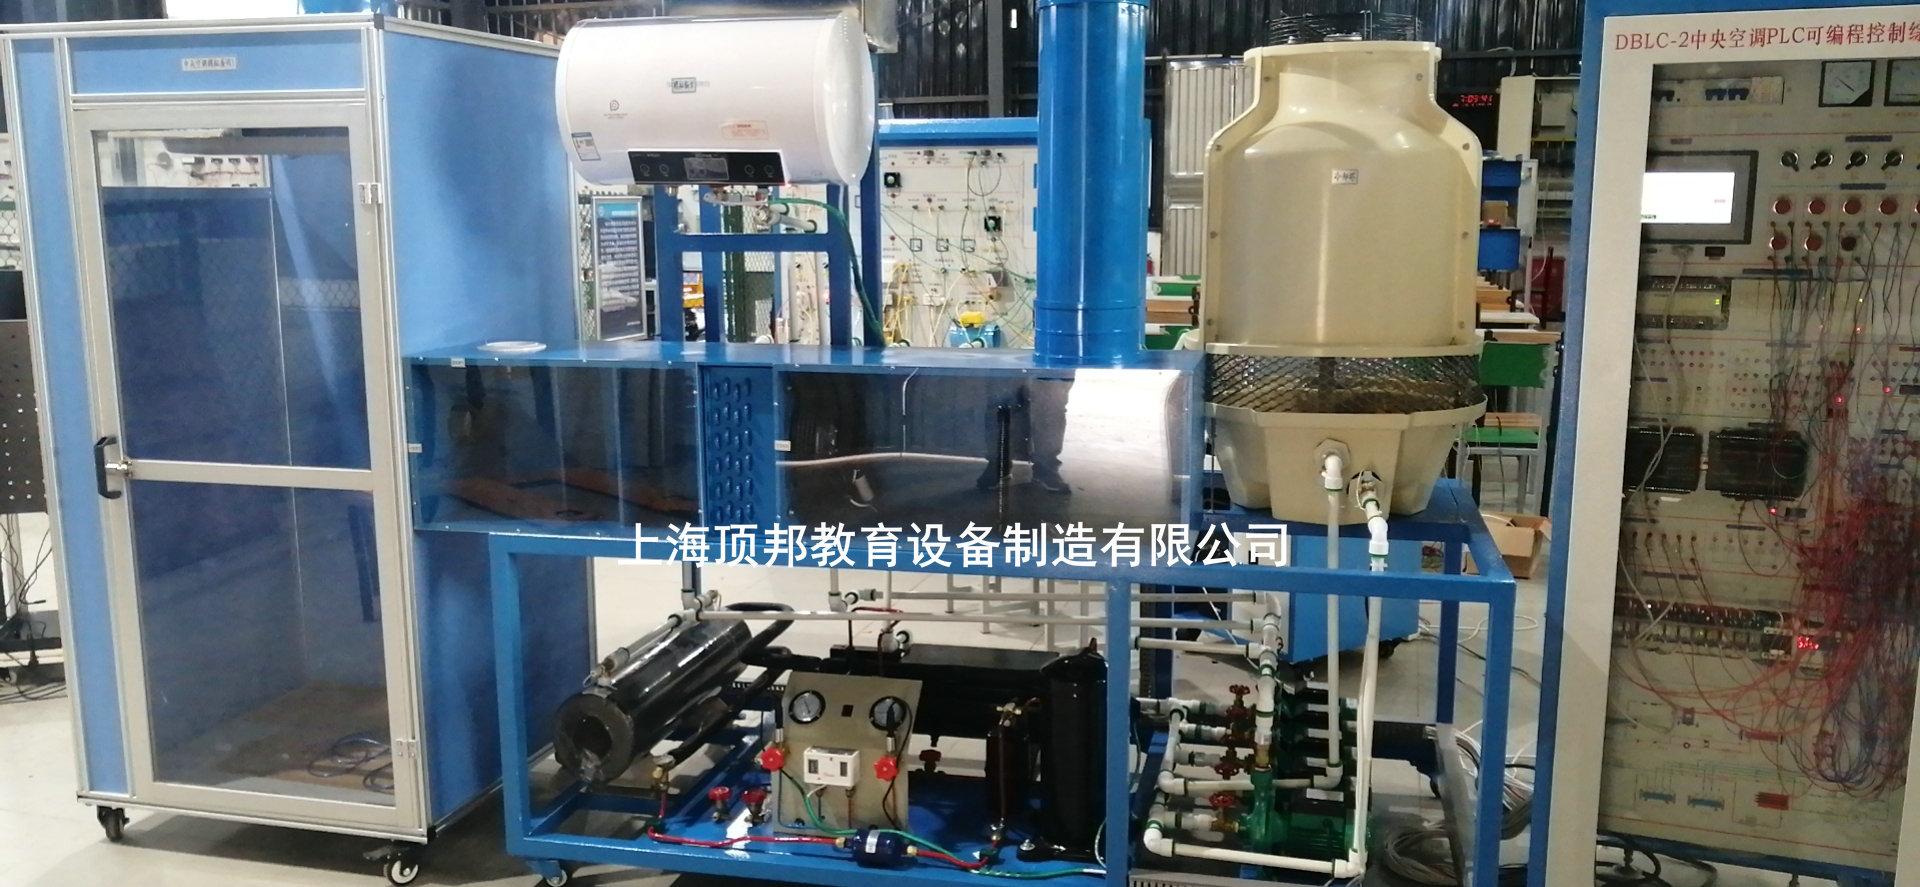 中央空调实训考核装置